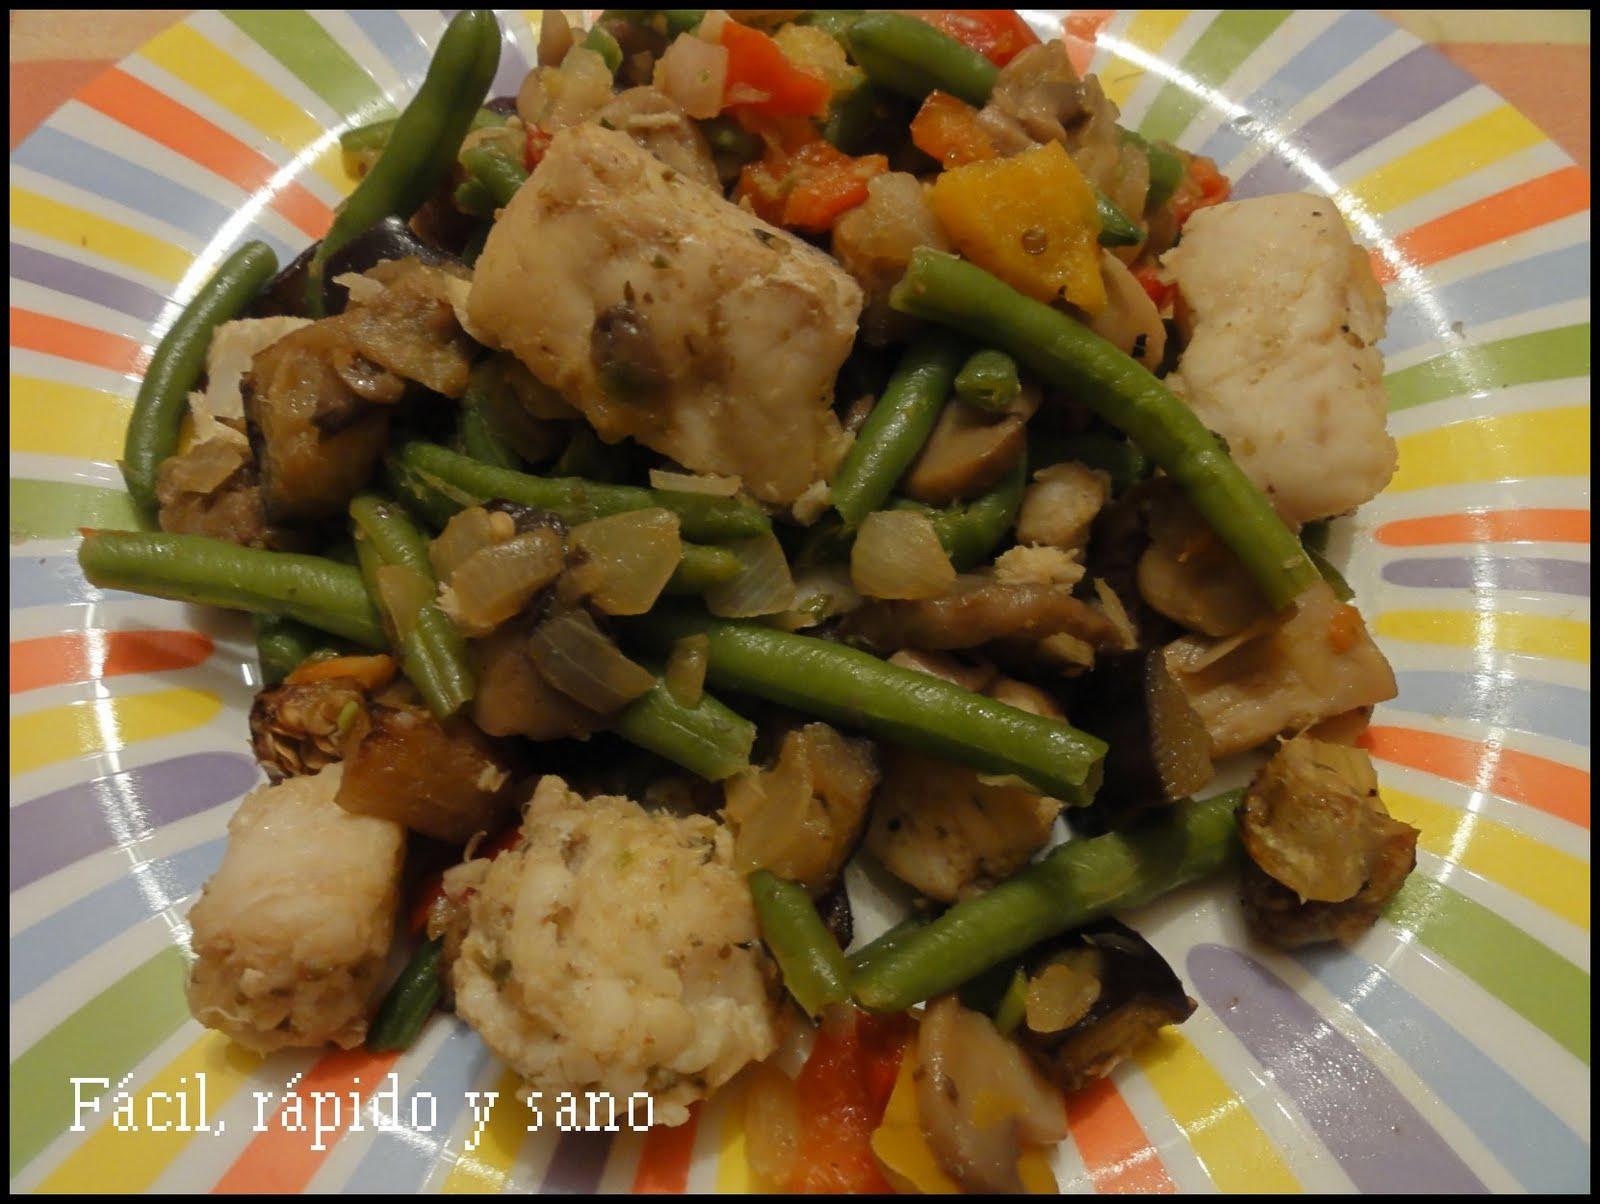 F cil r pido y sano cocina para gente sin tiempo mayo 2011 - Cocinar facil y rapido ...